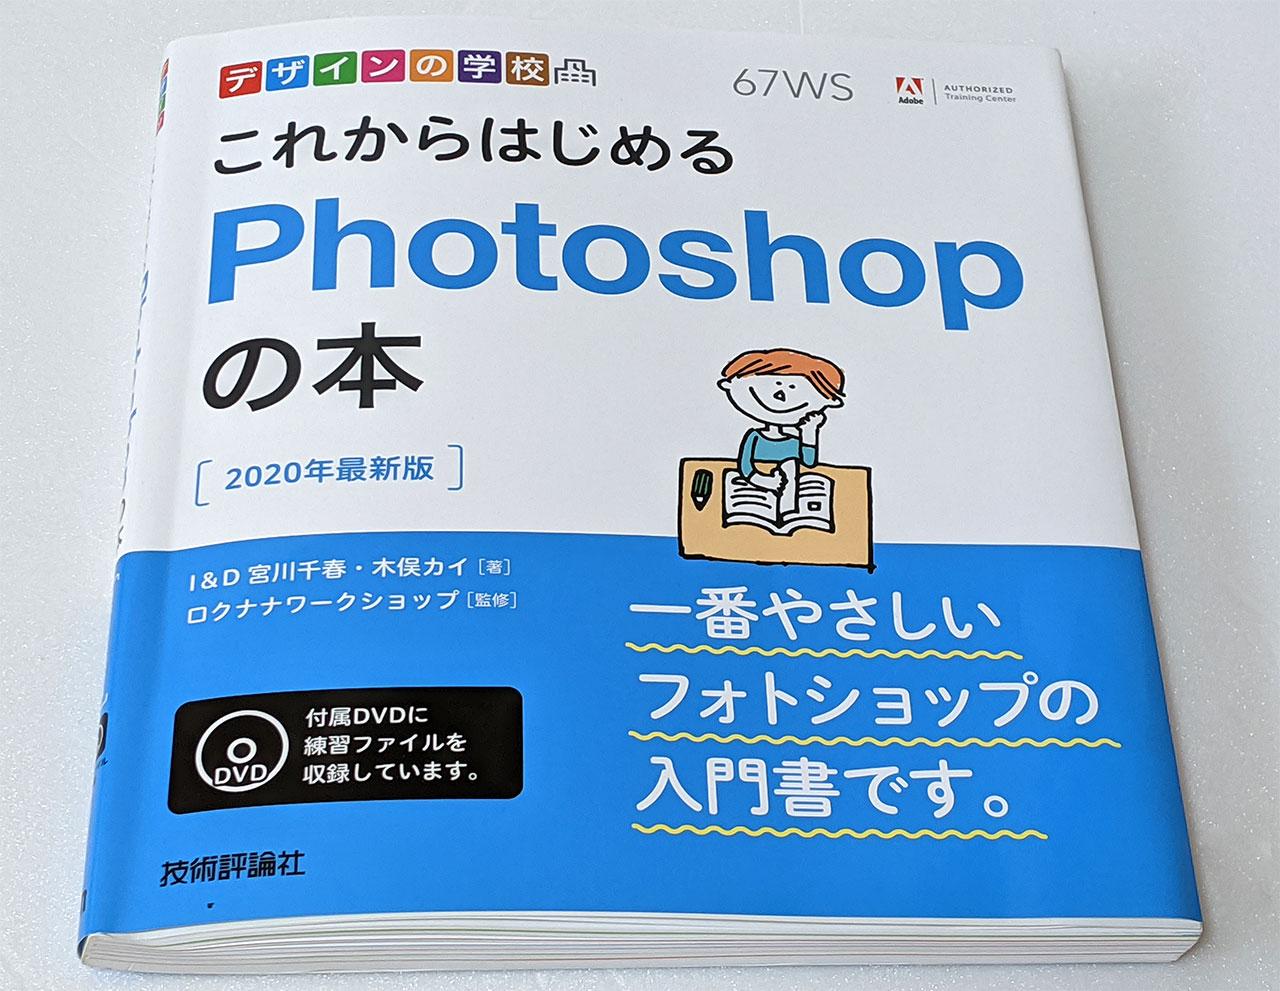 これからはじめるPhotoShopの感想【1回目】